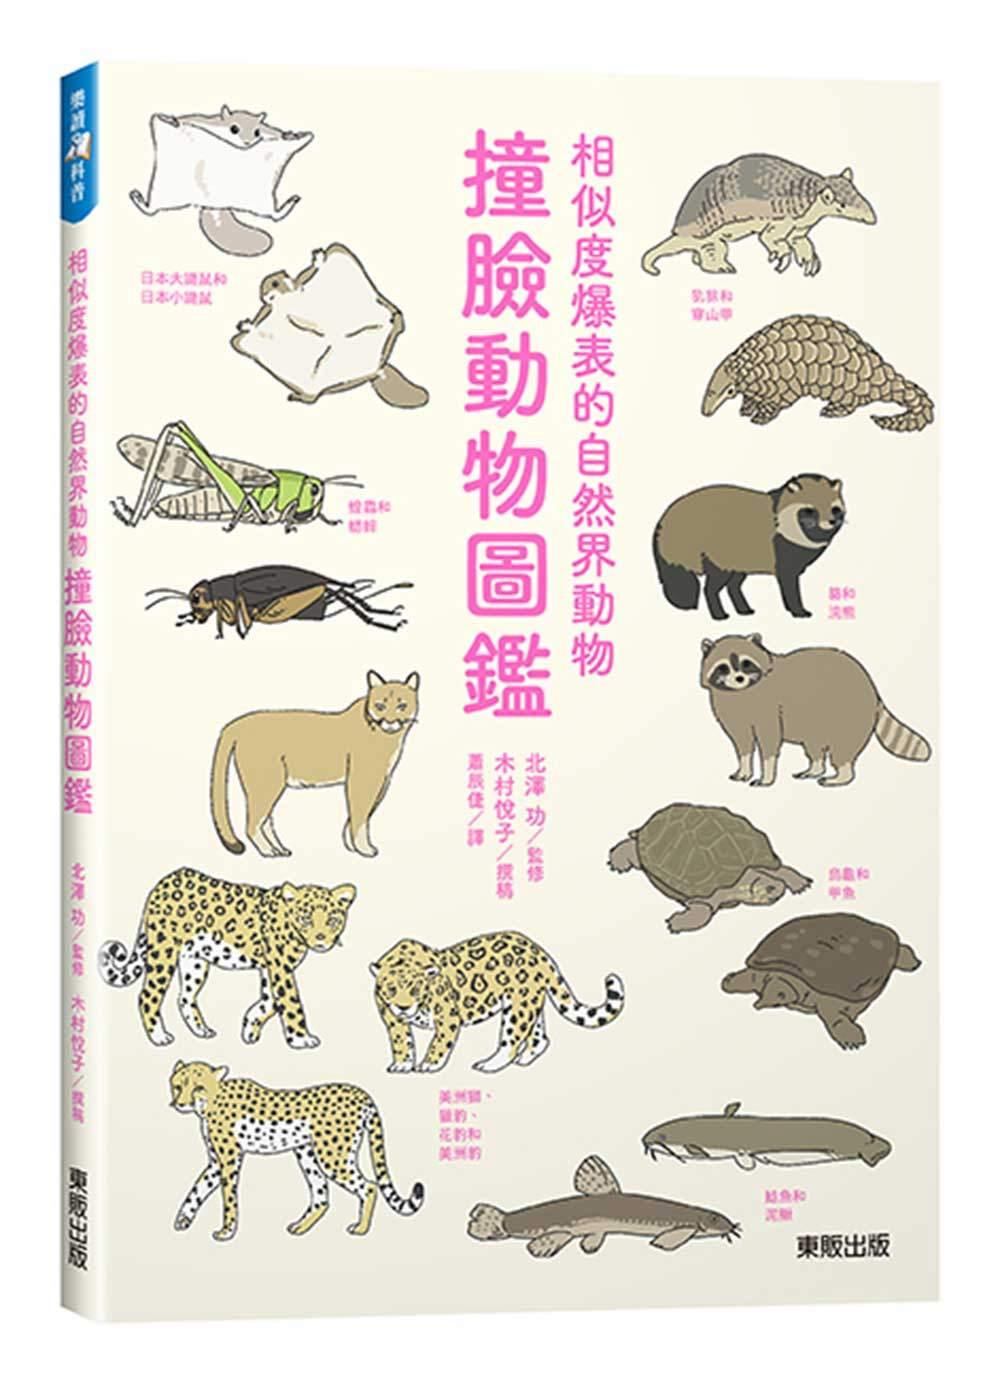 撞臉動物圖鑑:相似度爆表的自然界動物